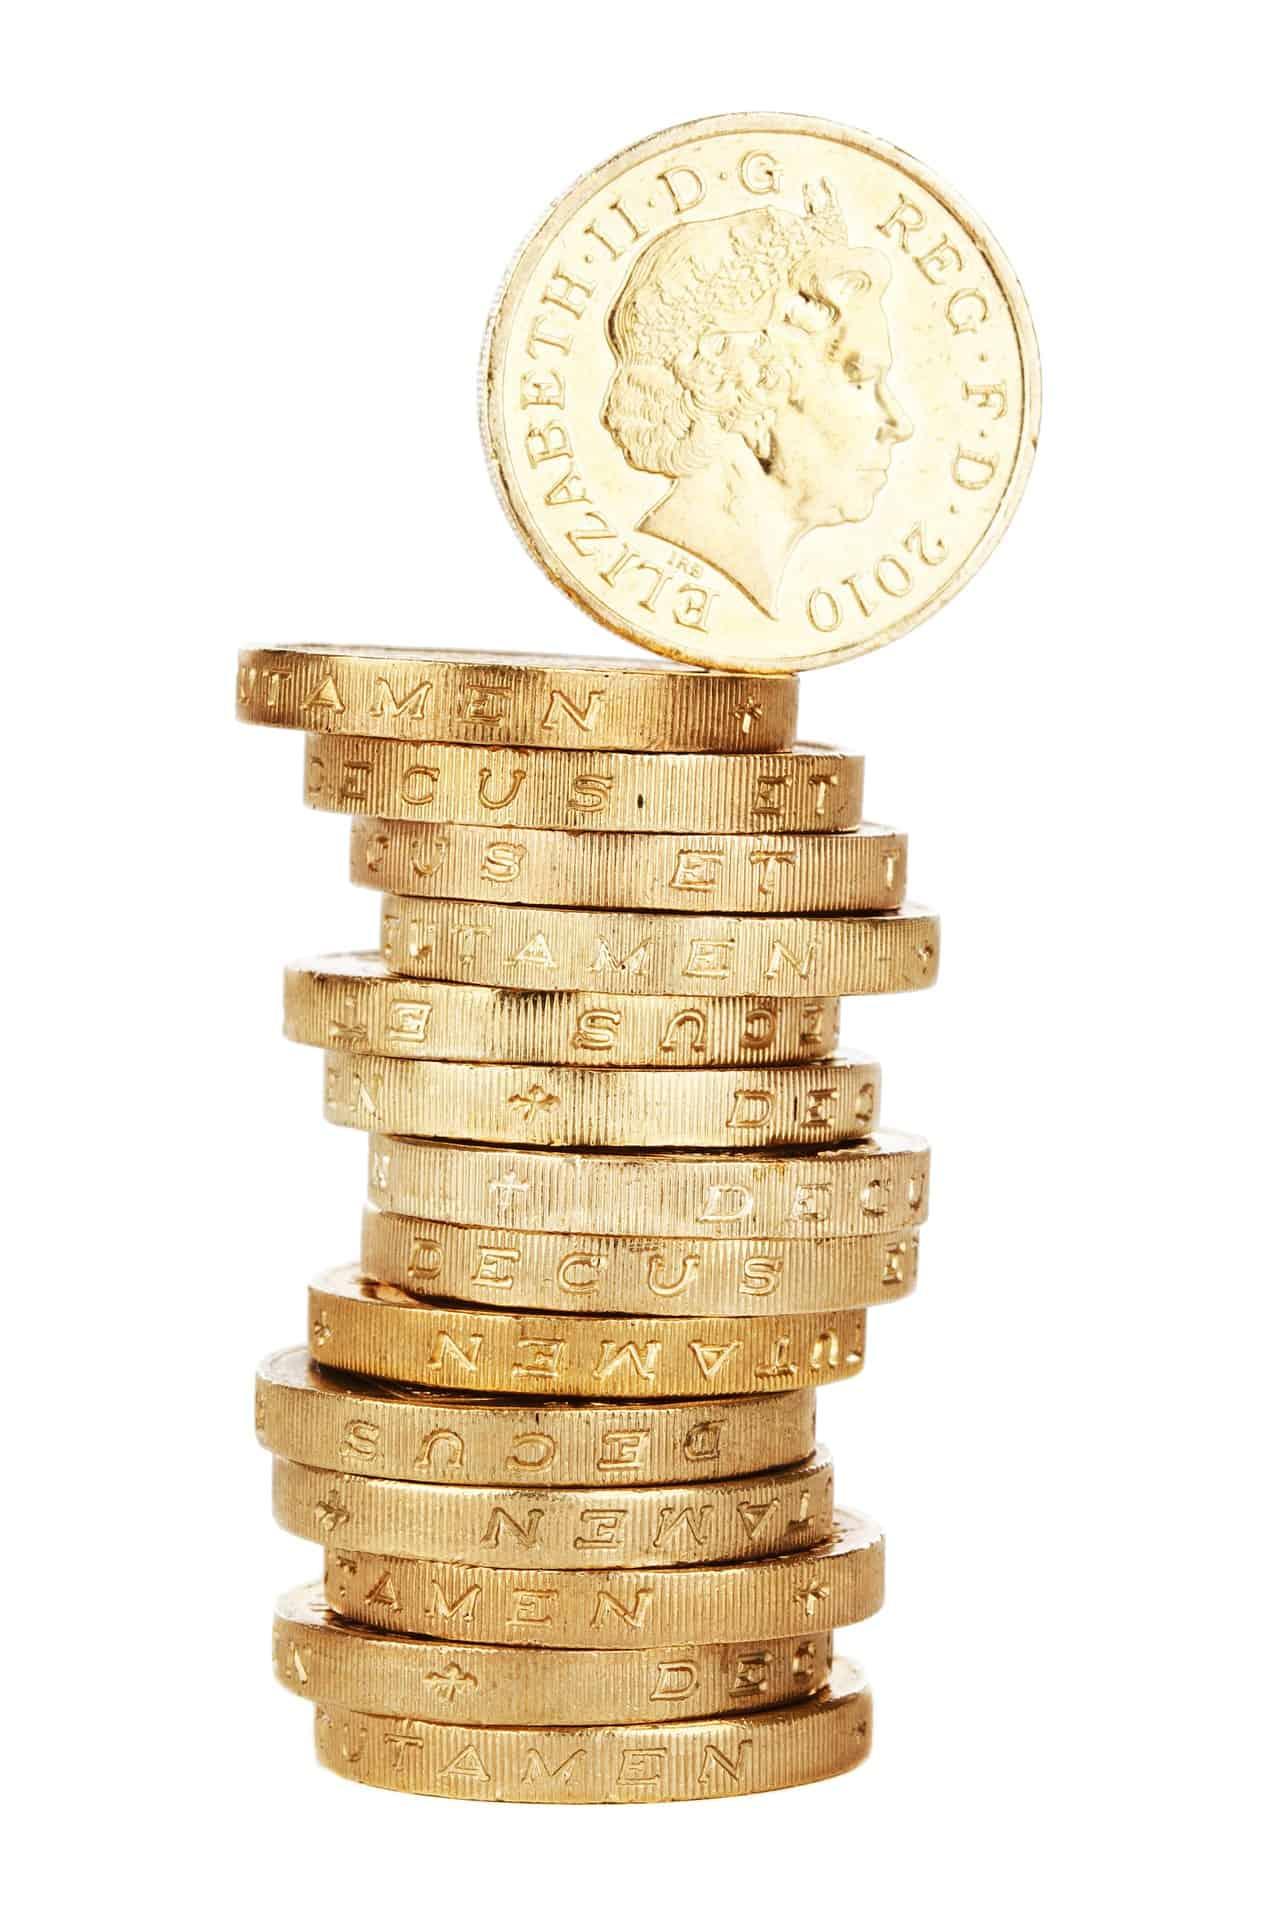 www.muenzen-online.com: Neuig-keiten aus der Welt der Münzen